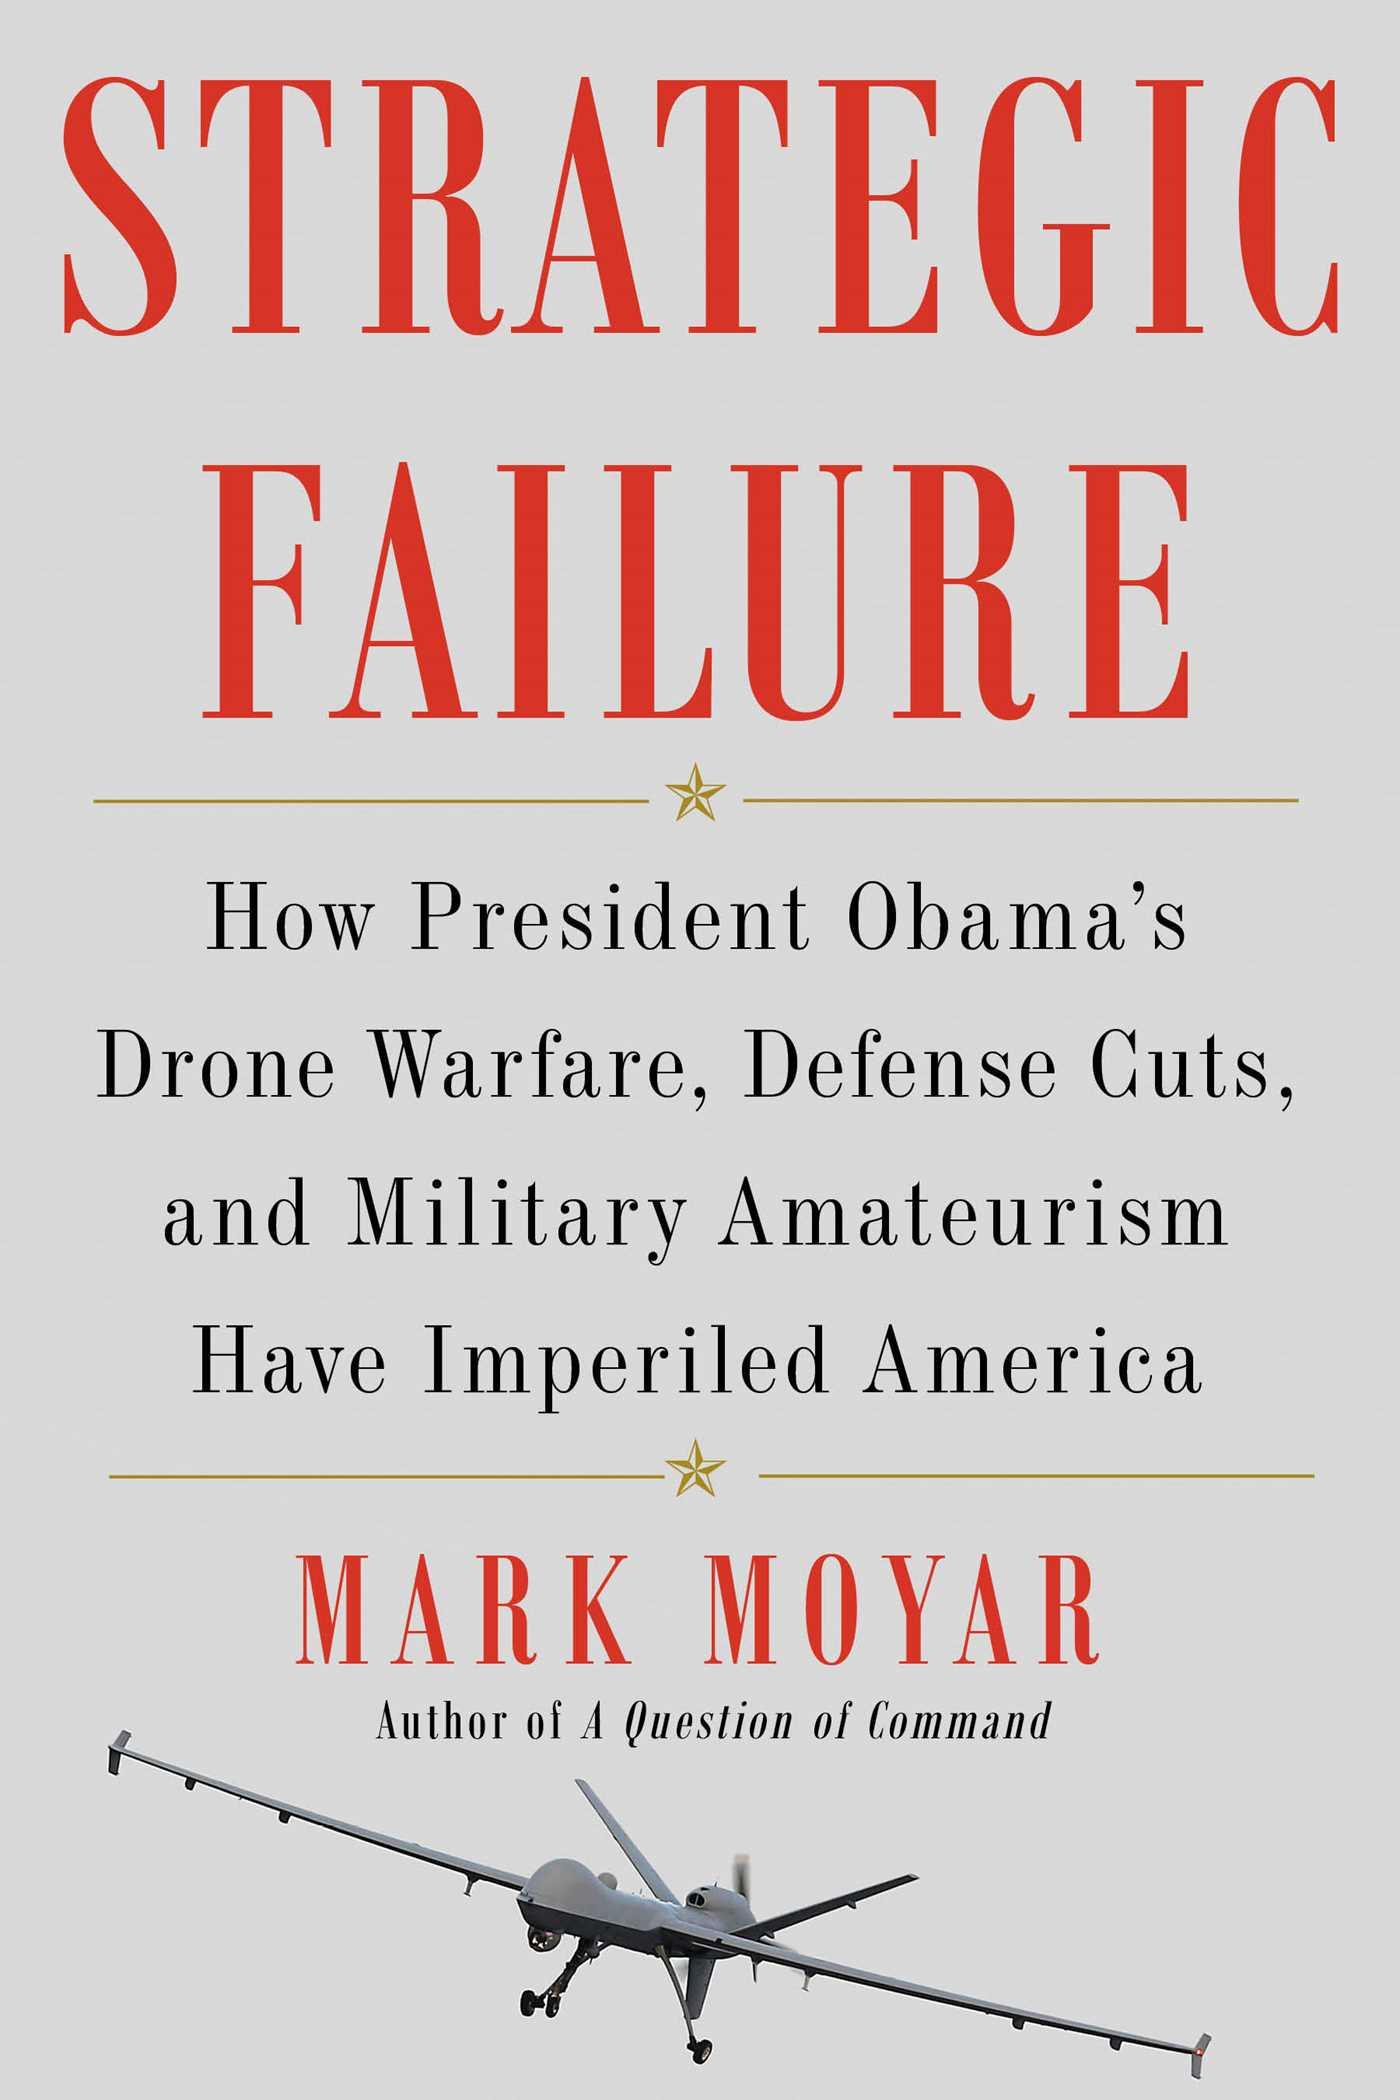 Strategic failure 9781476713243 hr